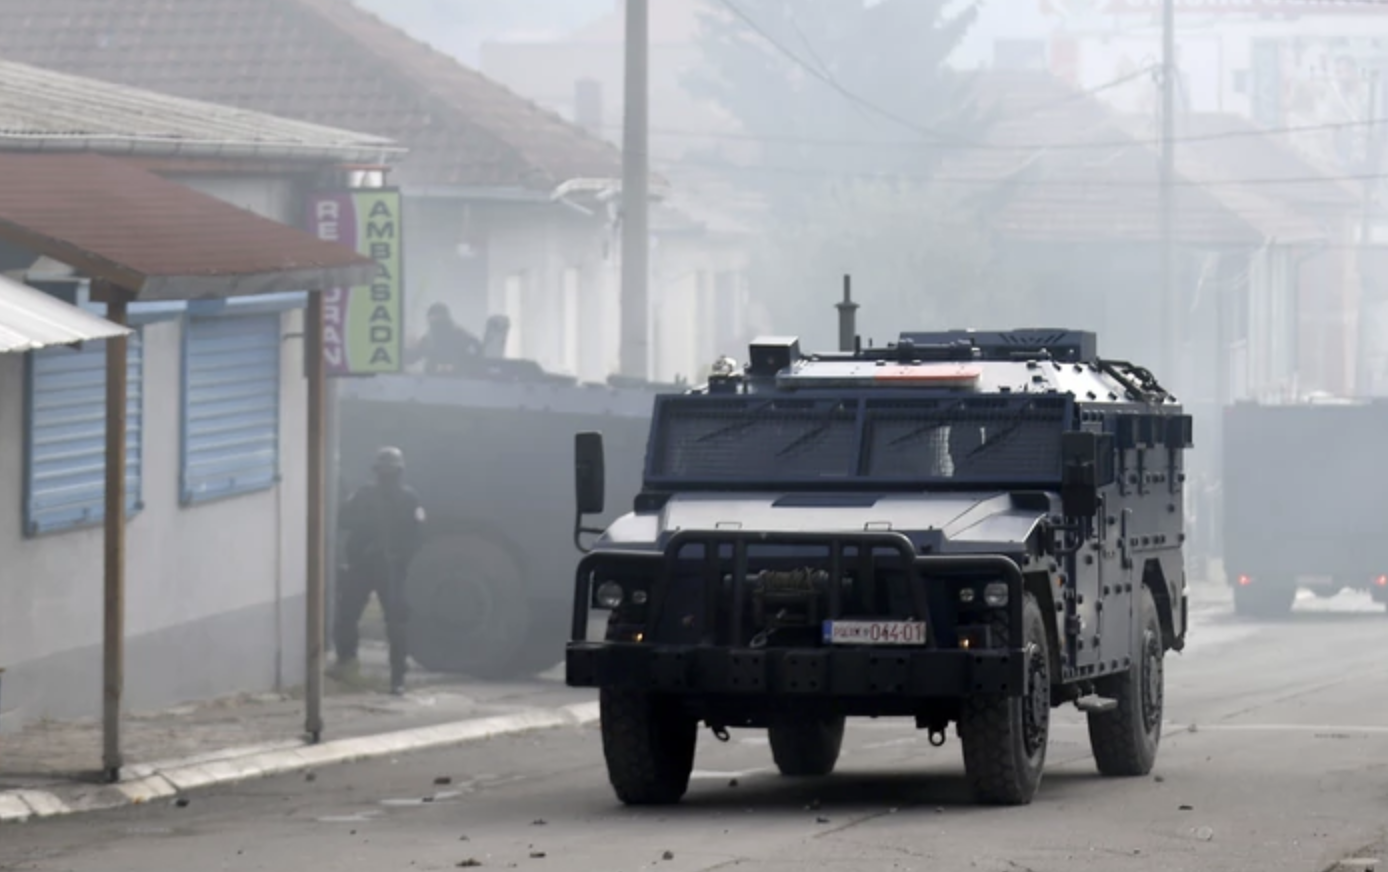 Οι ΗΠΑ ζήτησαν ηρεμία μετά τα γεγονότα στο Κοσσυφοπέδιο